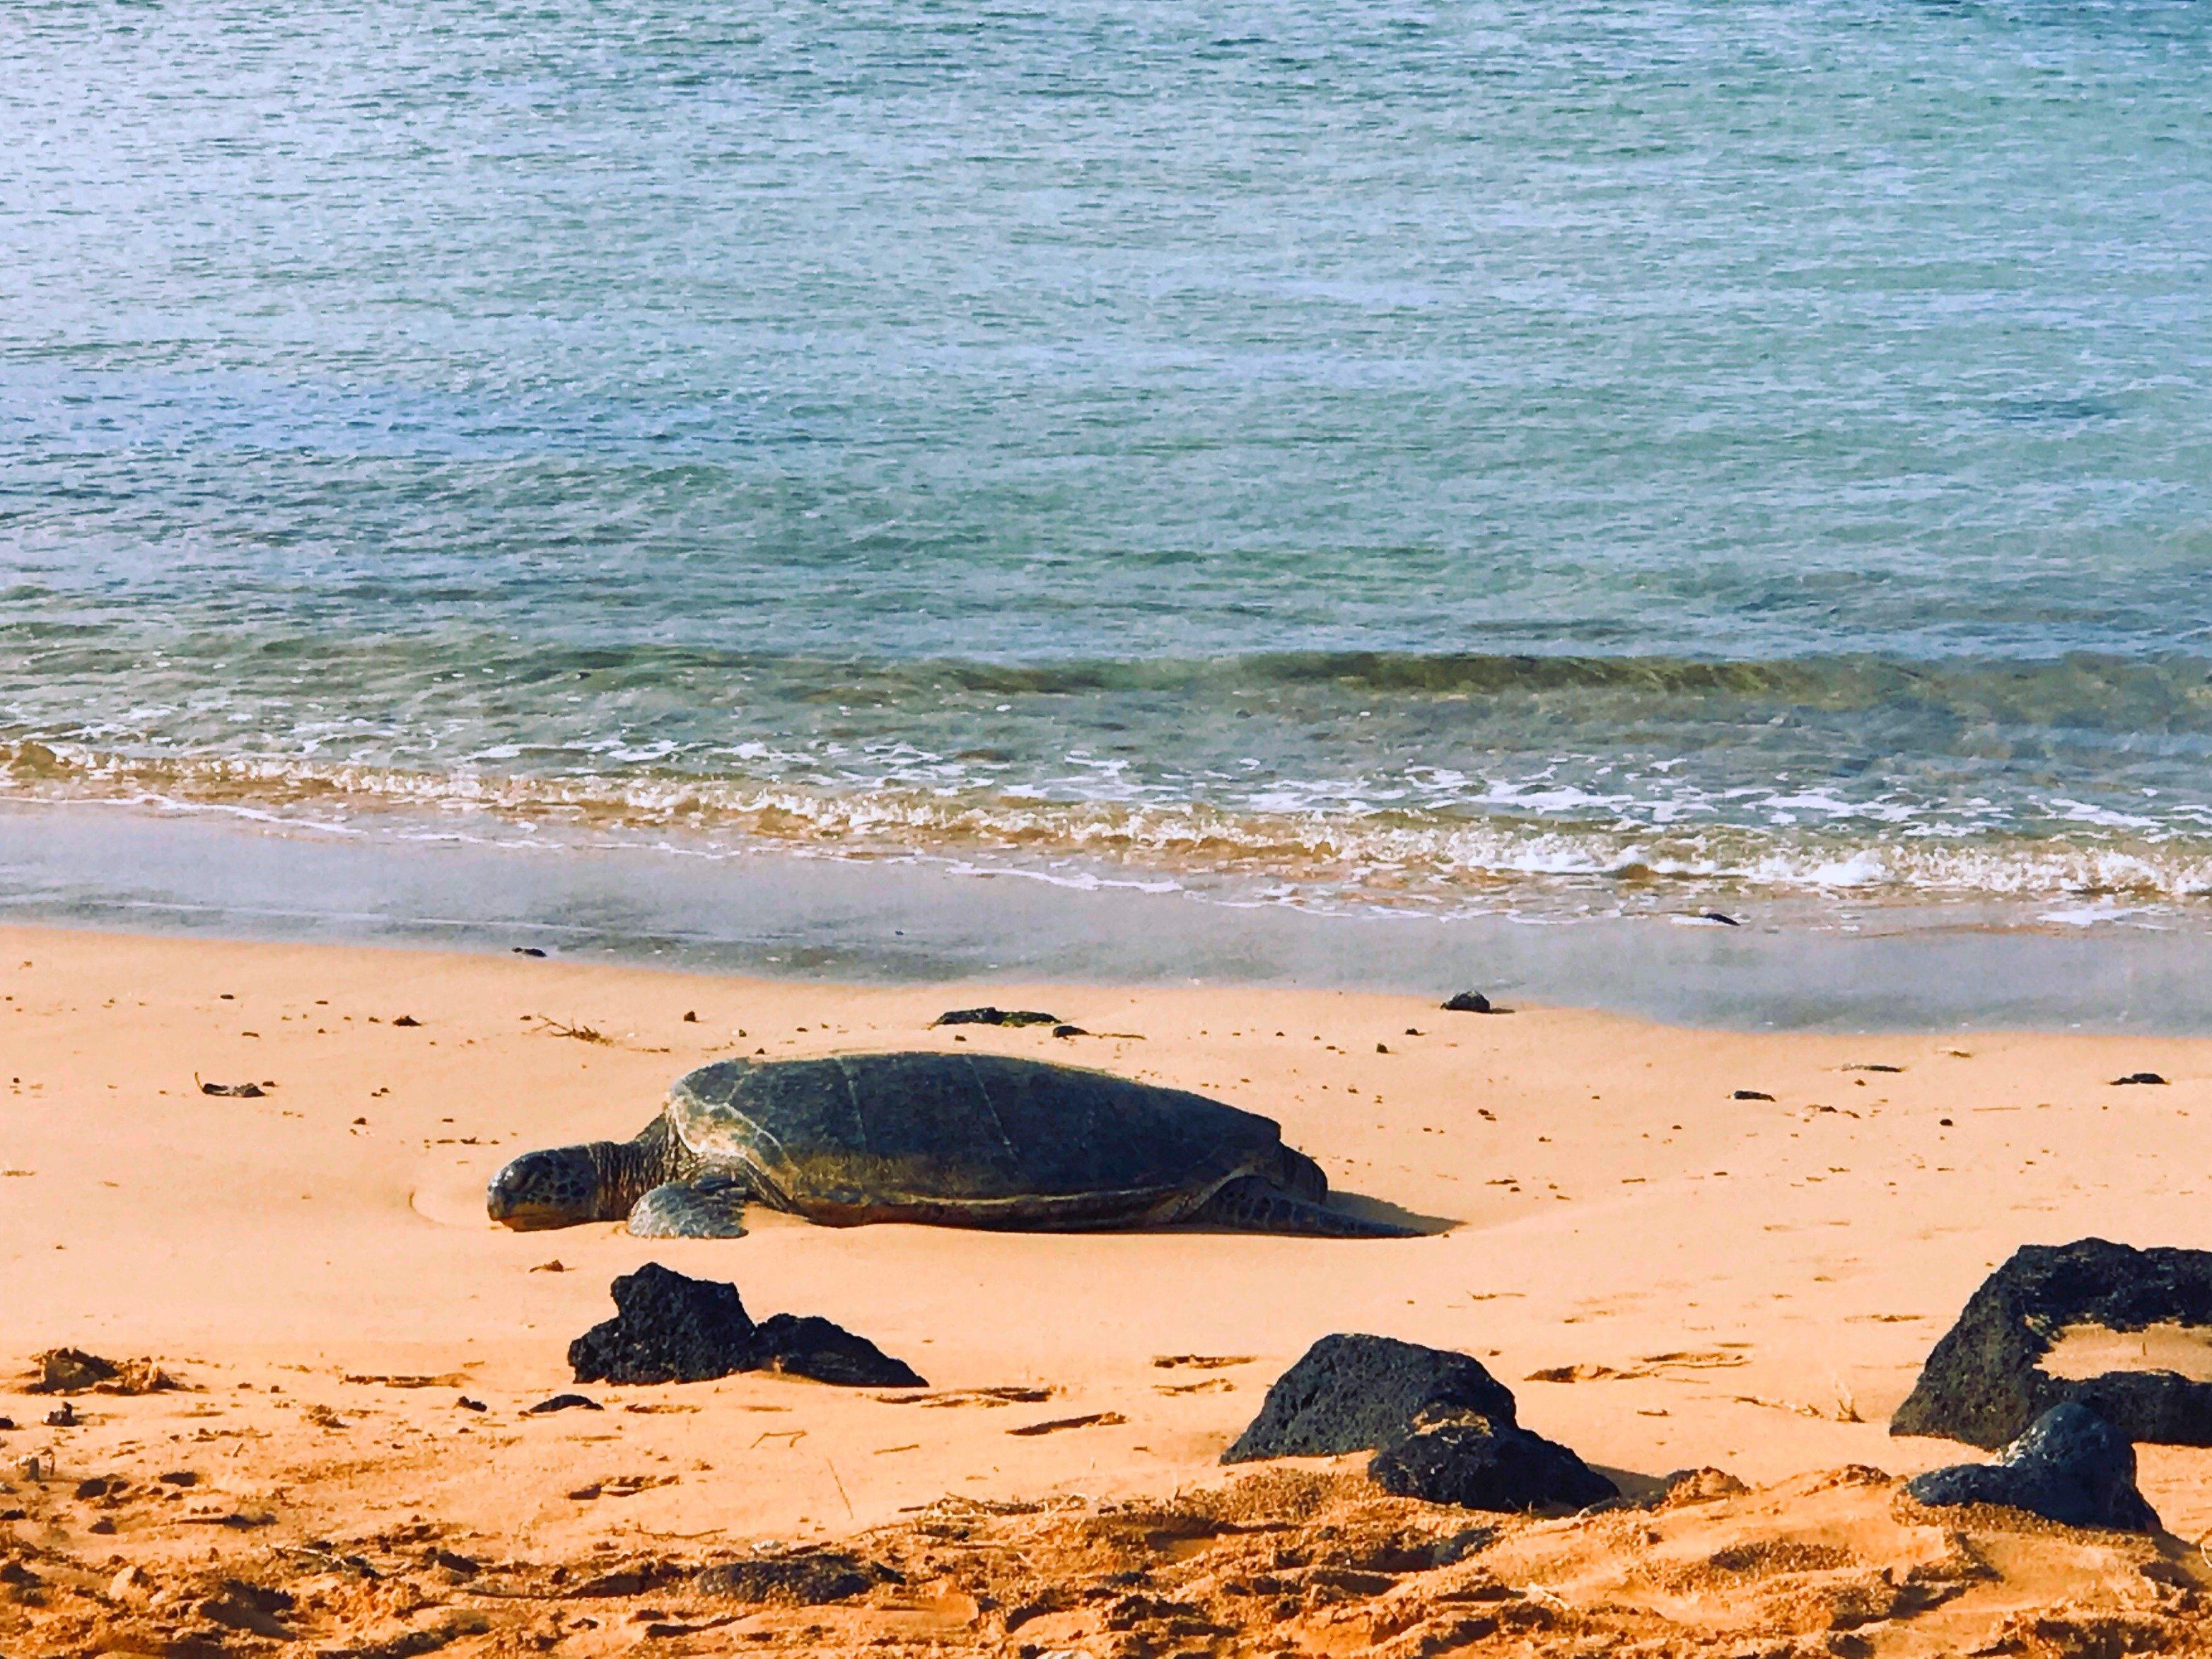 Turtle at Poipu Beach